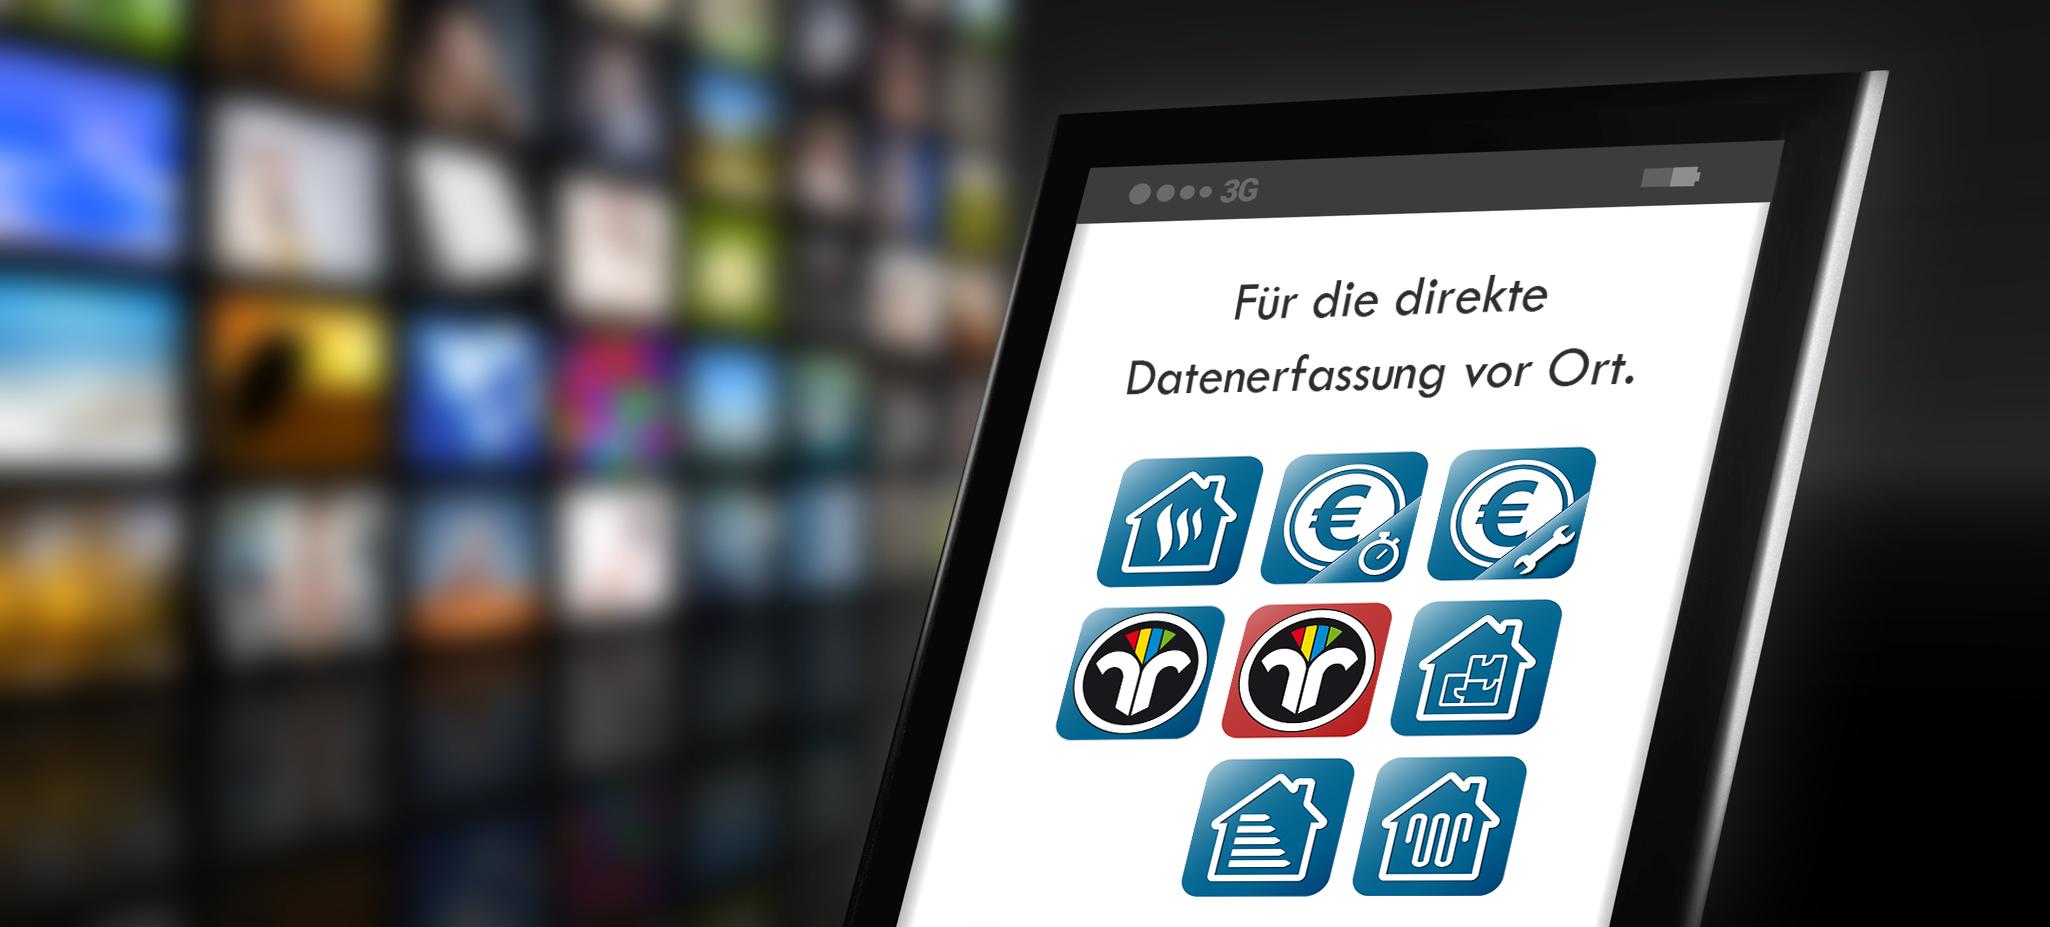 Hottgenroth und ETU Apps